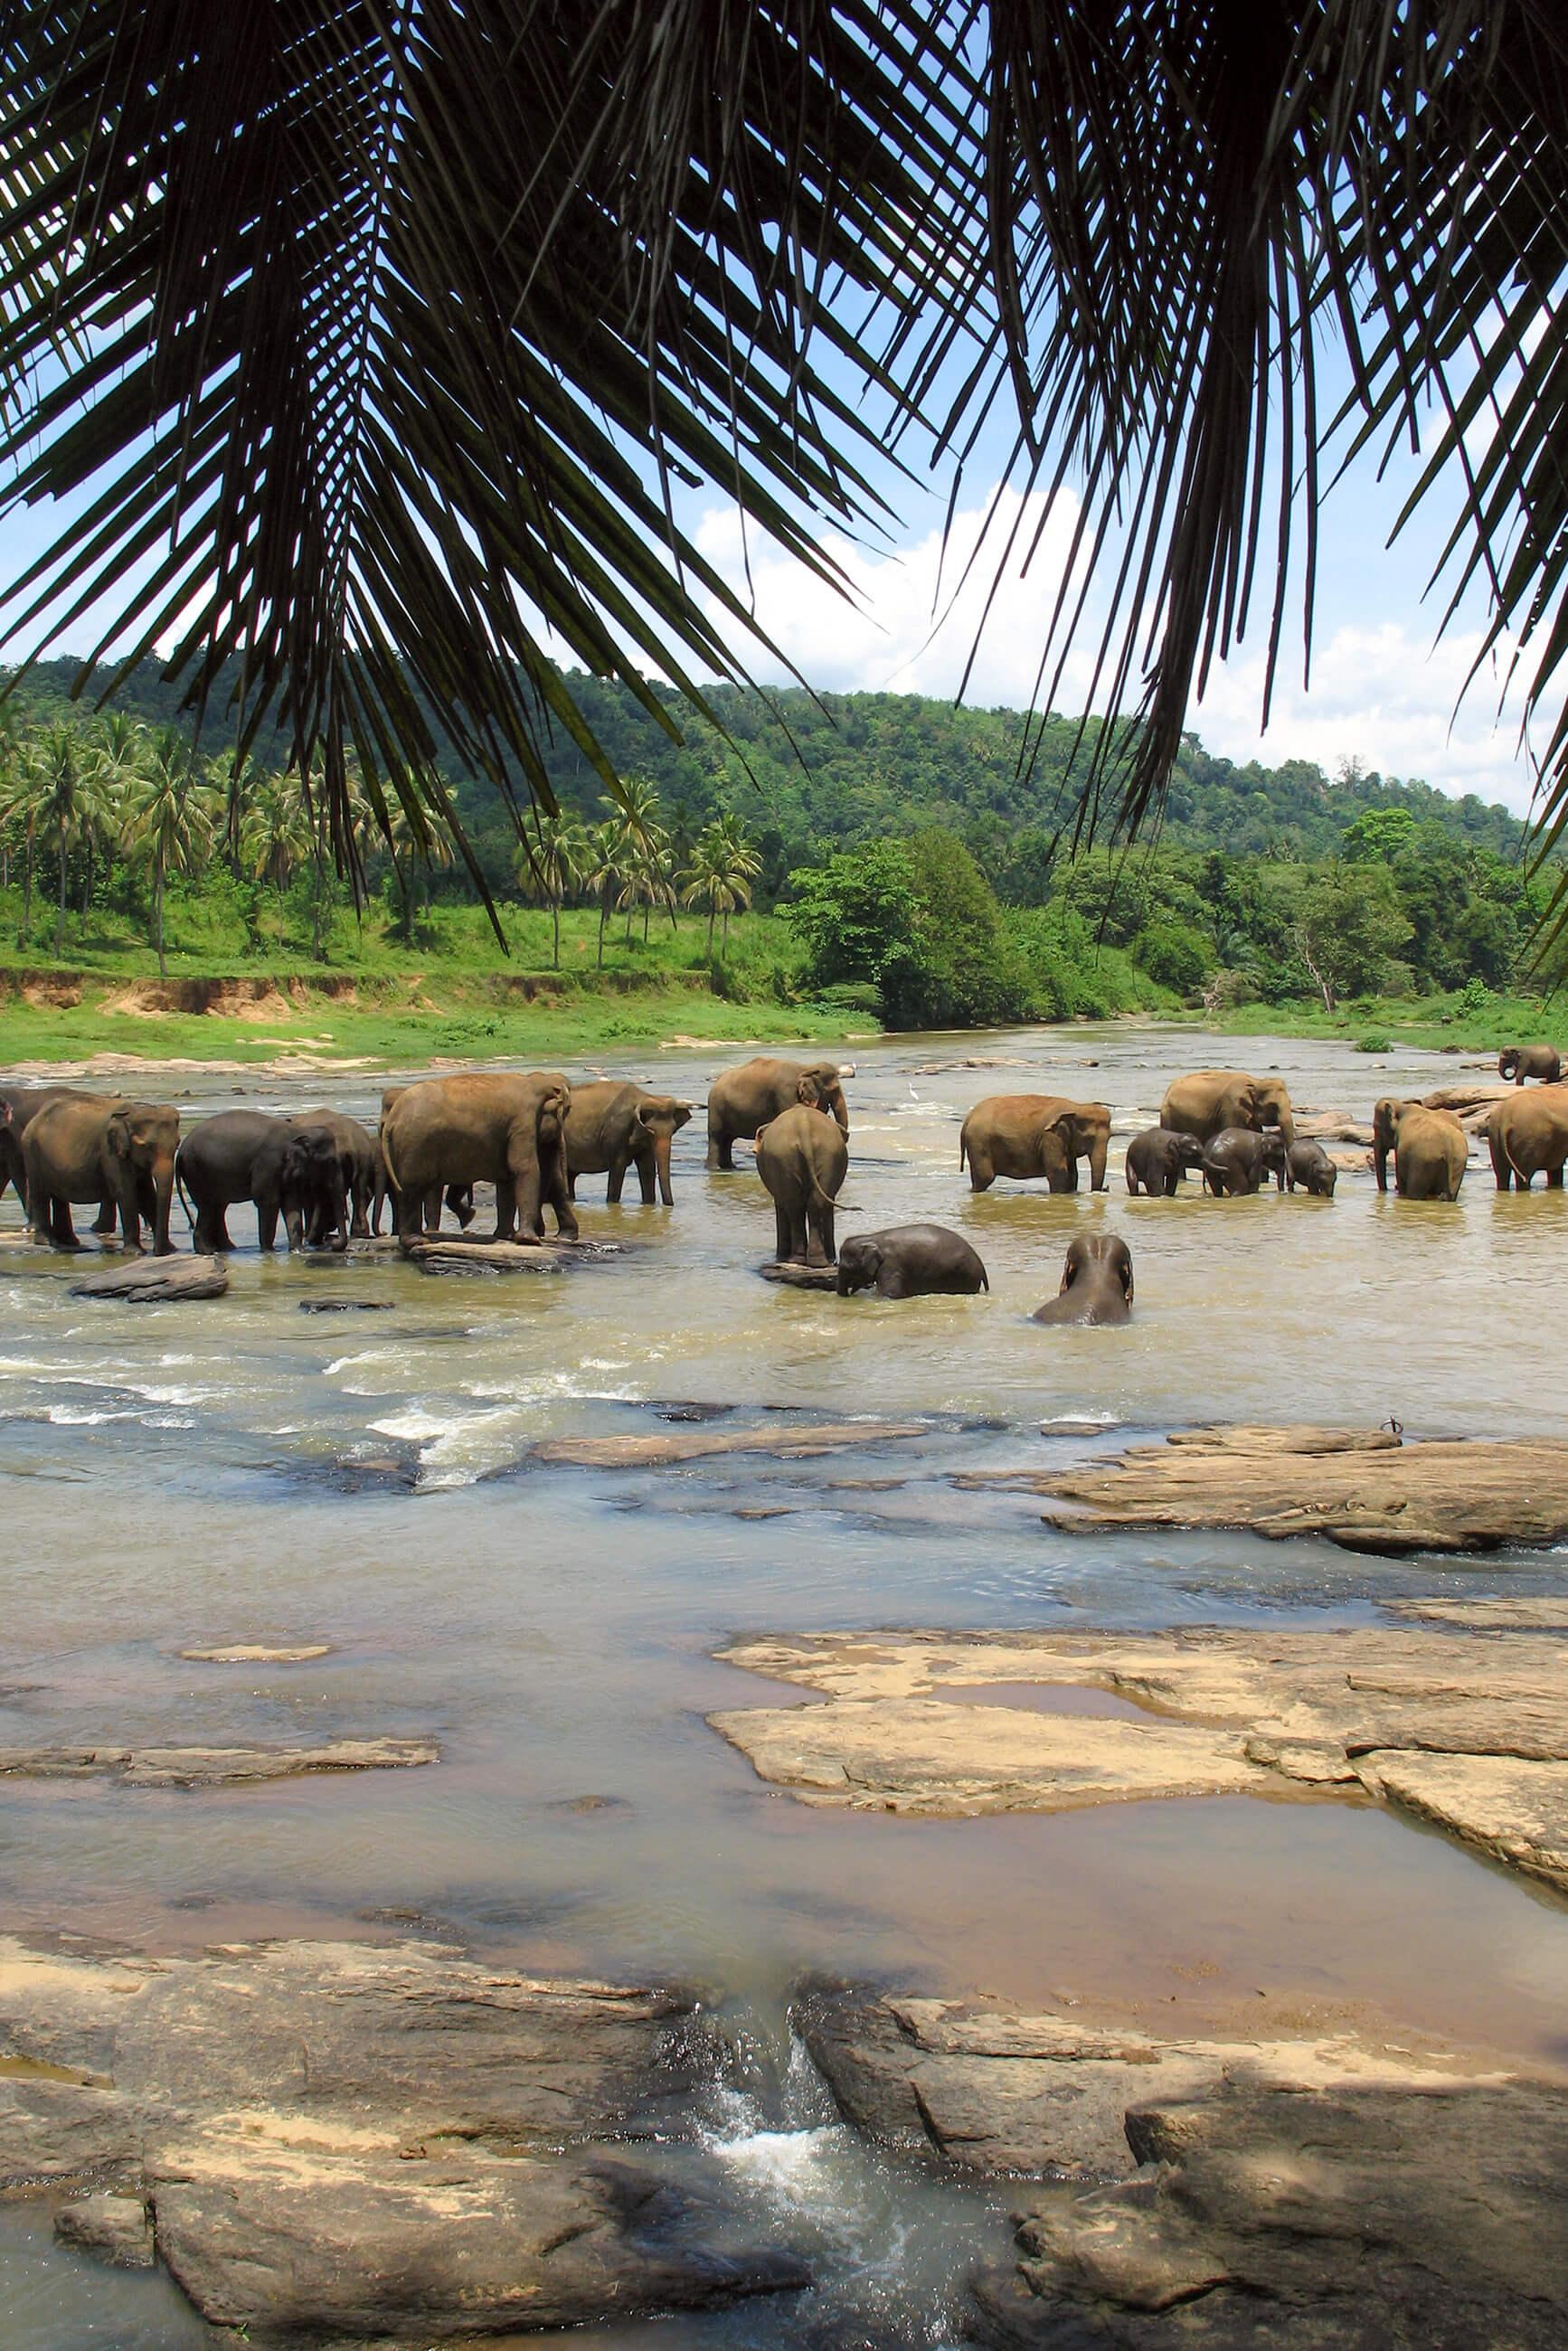 https://bubo.sk/uploads/galleries/5058/archiv_misogaj_srilanka_picture-049.jpg